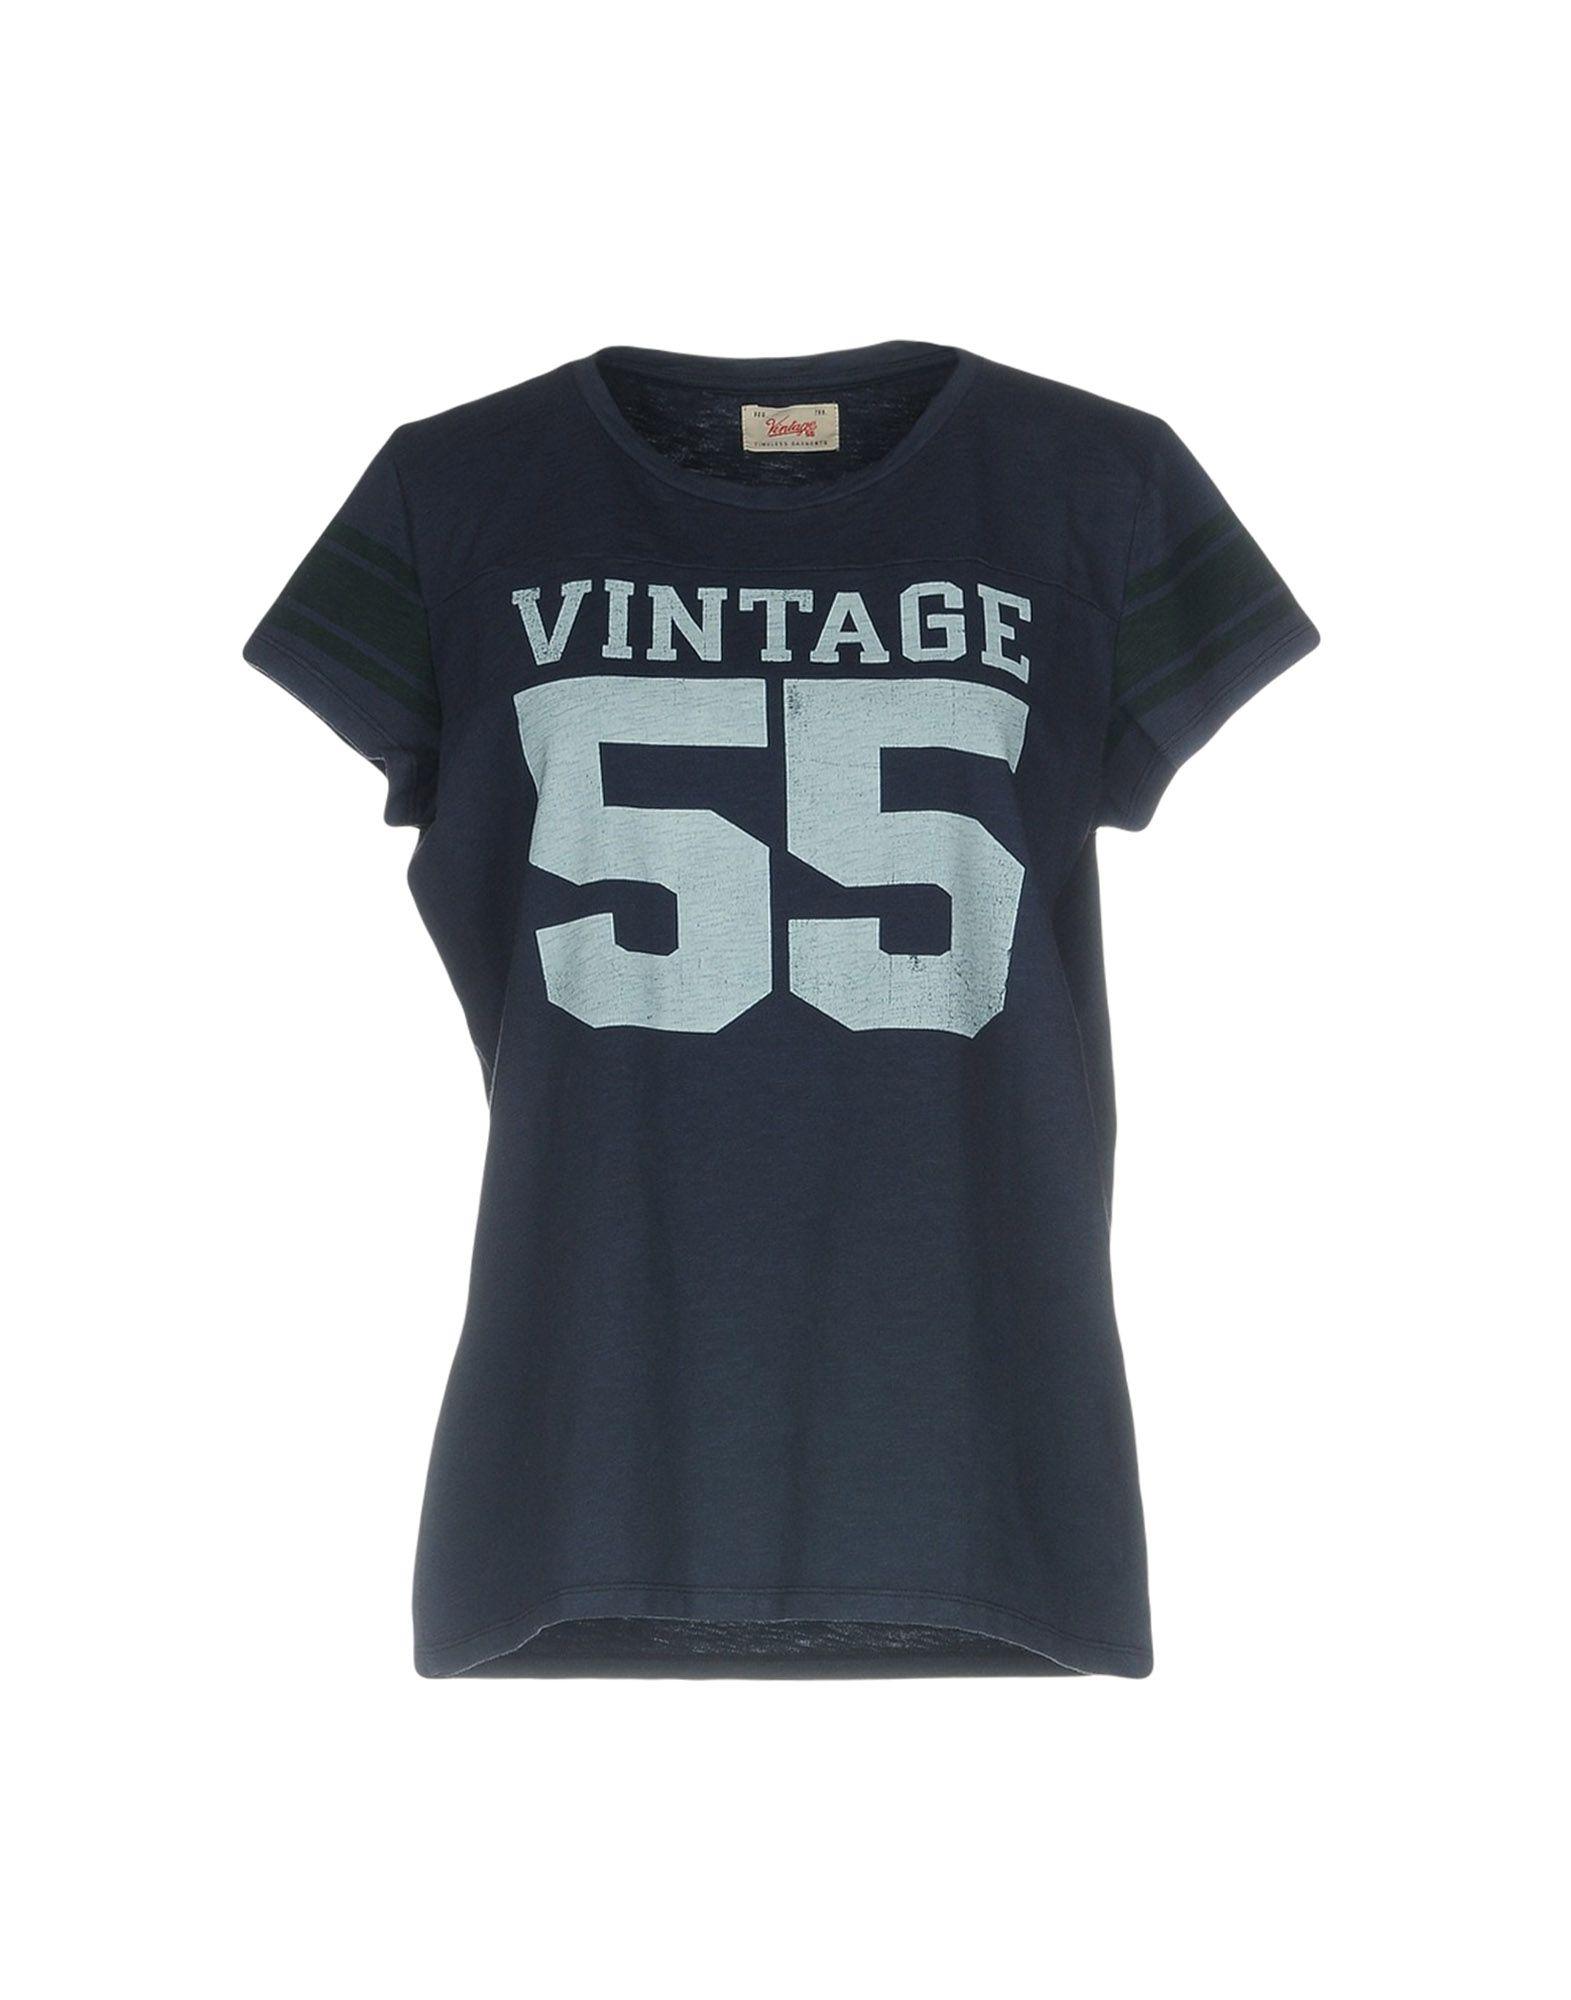 Фото - VINTAGE 55 Футболка vintage 55 футболка